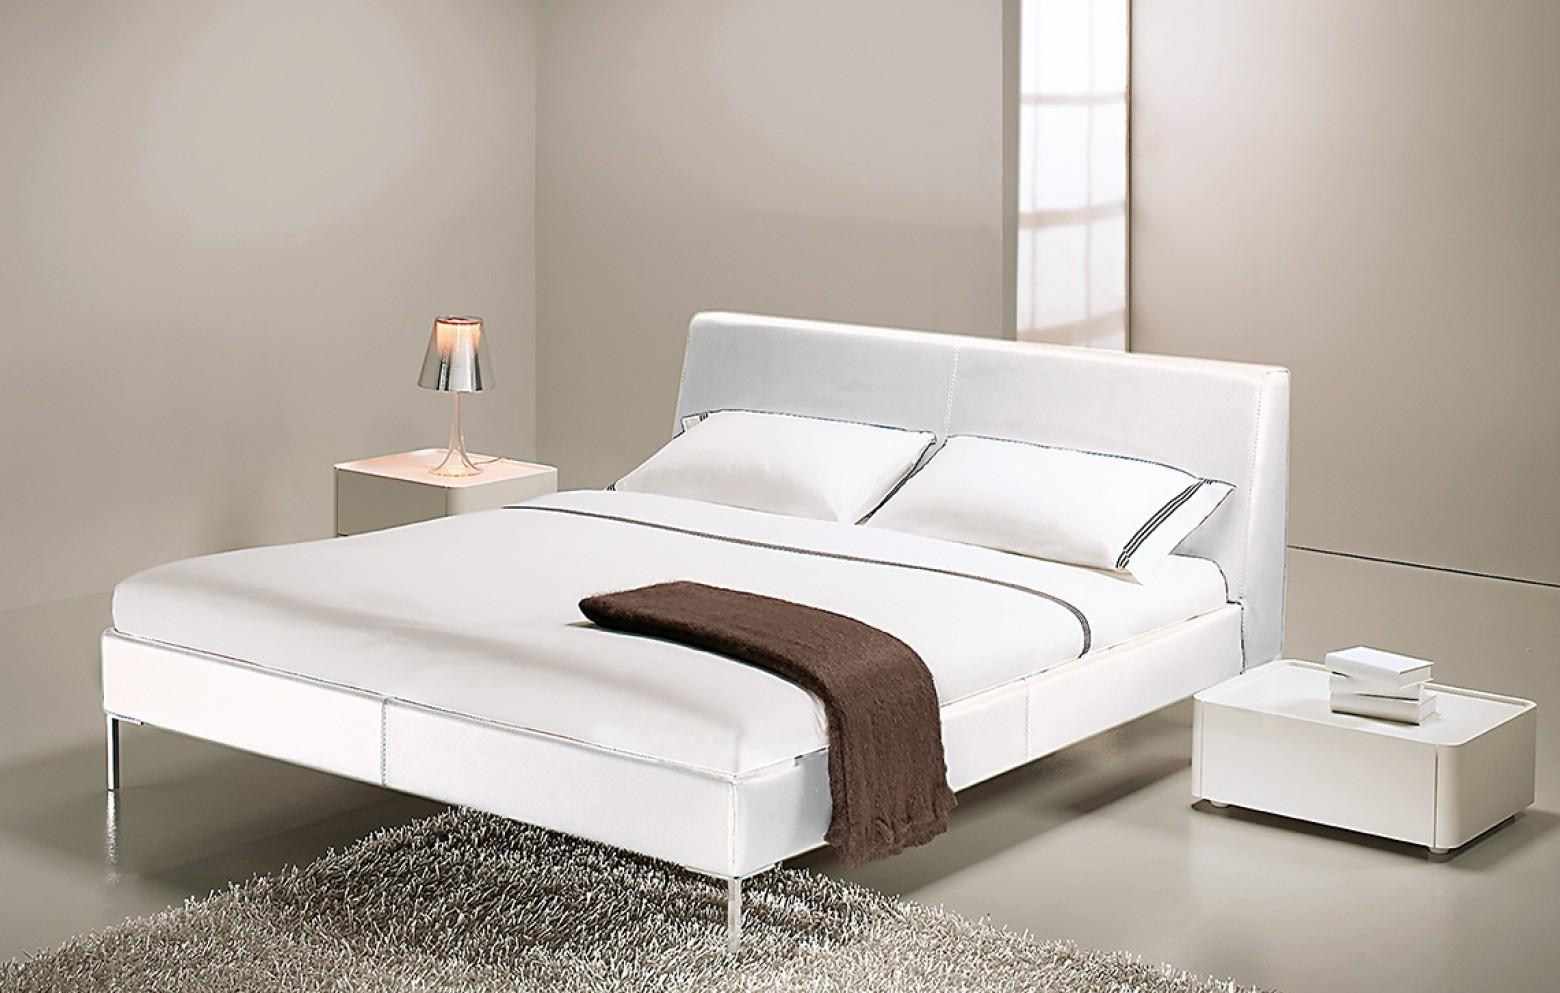 Full Size of Bett Günstig Designerbett Luca Jetzt Gnstig Bei Whos Perfect Kaufen Bestes Modernes Weiße Betten Außergewöhnliche Platzsparend Vintage Ausziehbares Bette Bett Bett Günstig